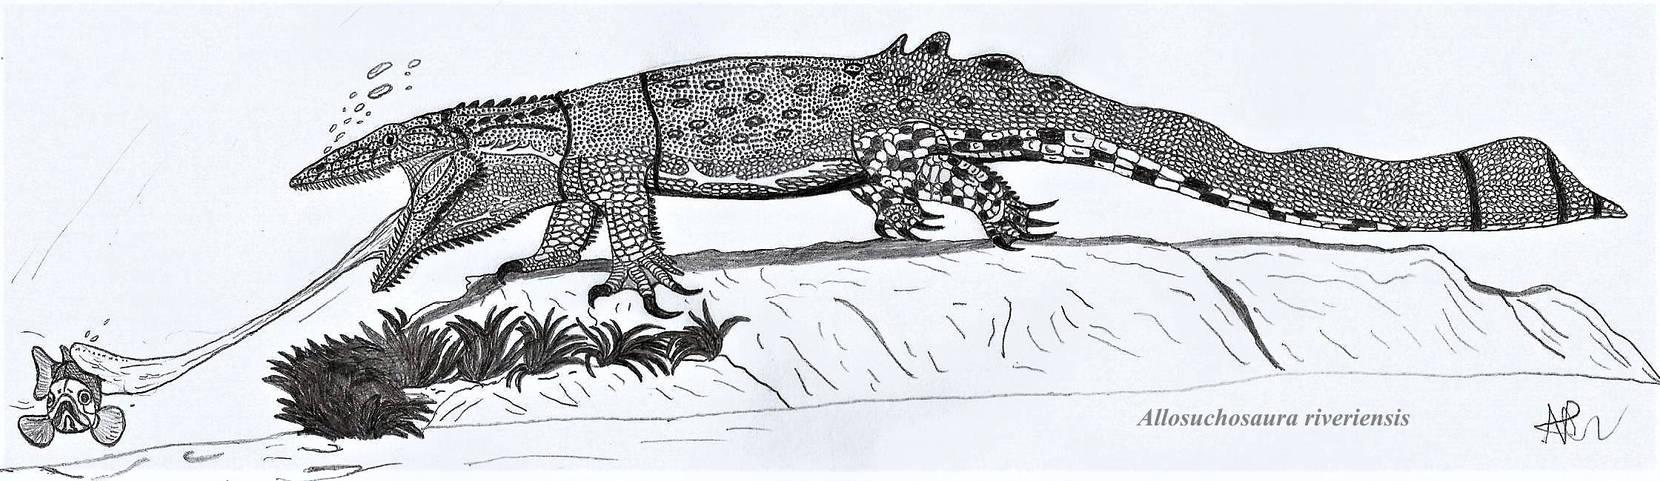 Fauna of Rivera: The colorful aquatic drake